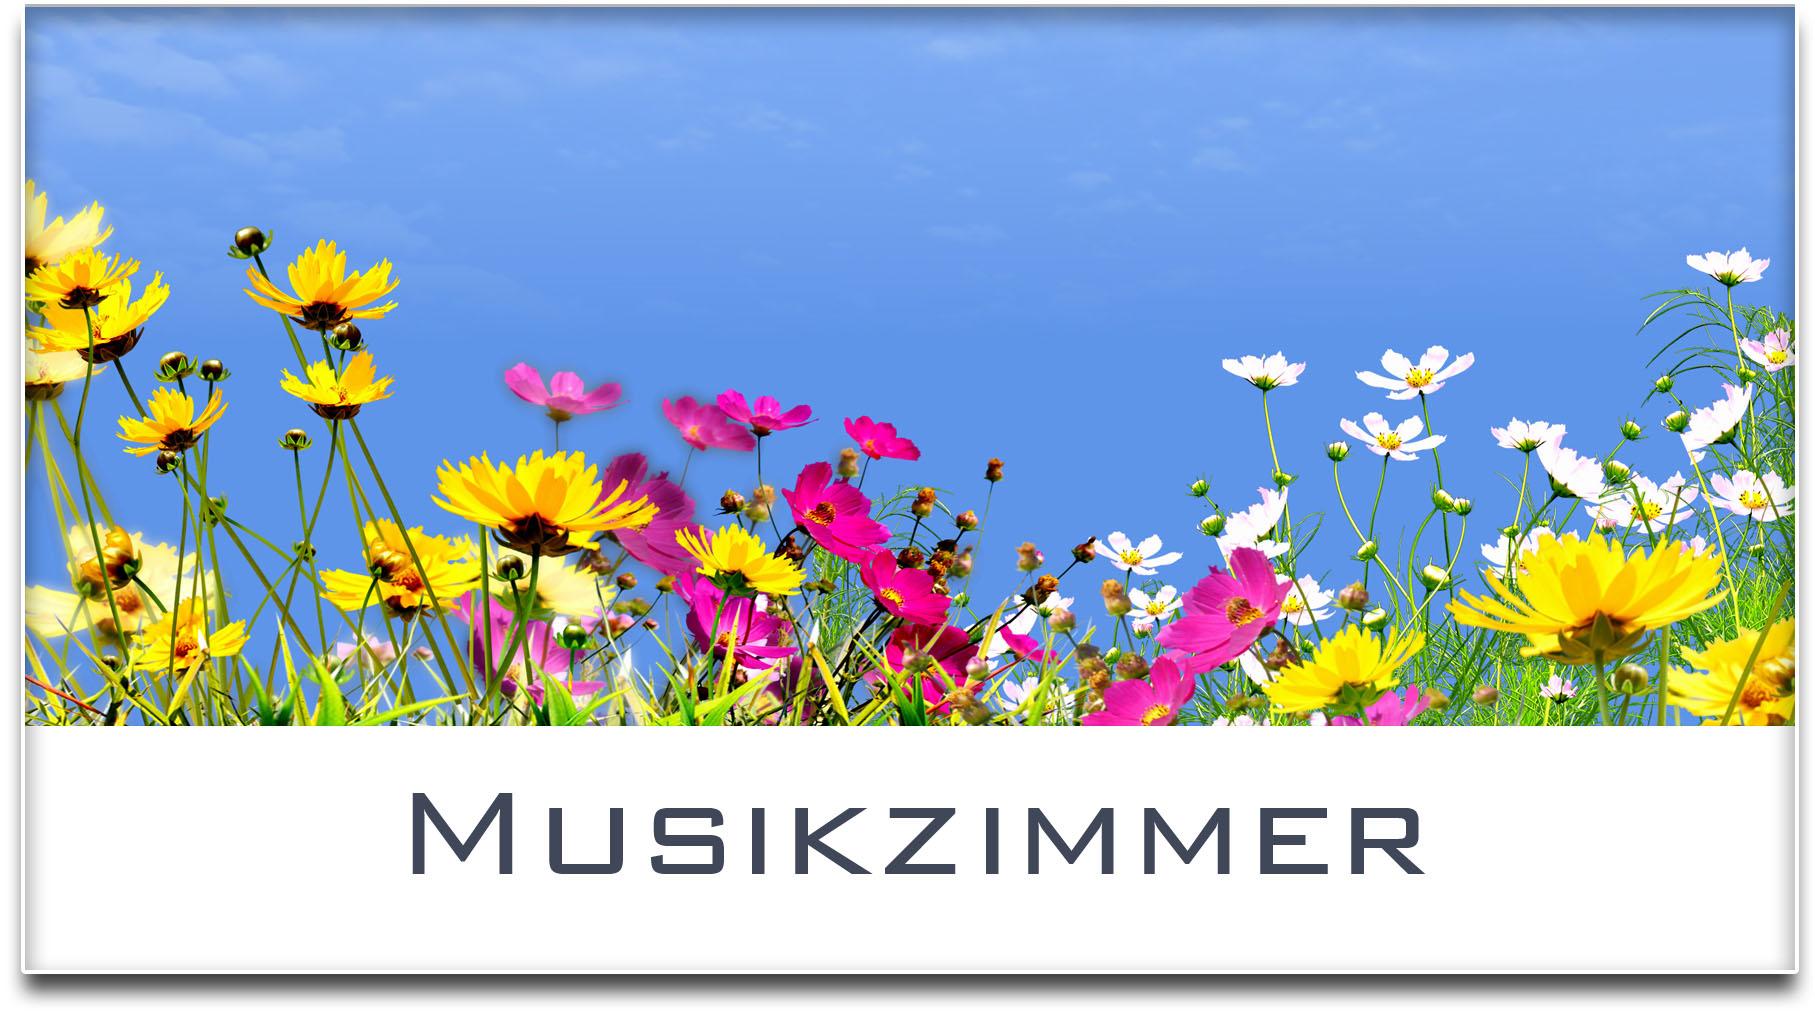 Türschild / Haustürschild / Blumenwiese / Musikzimmer / Selbstklebend